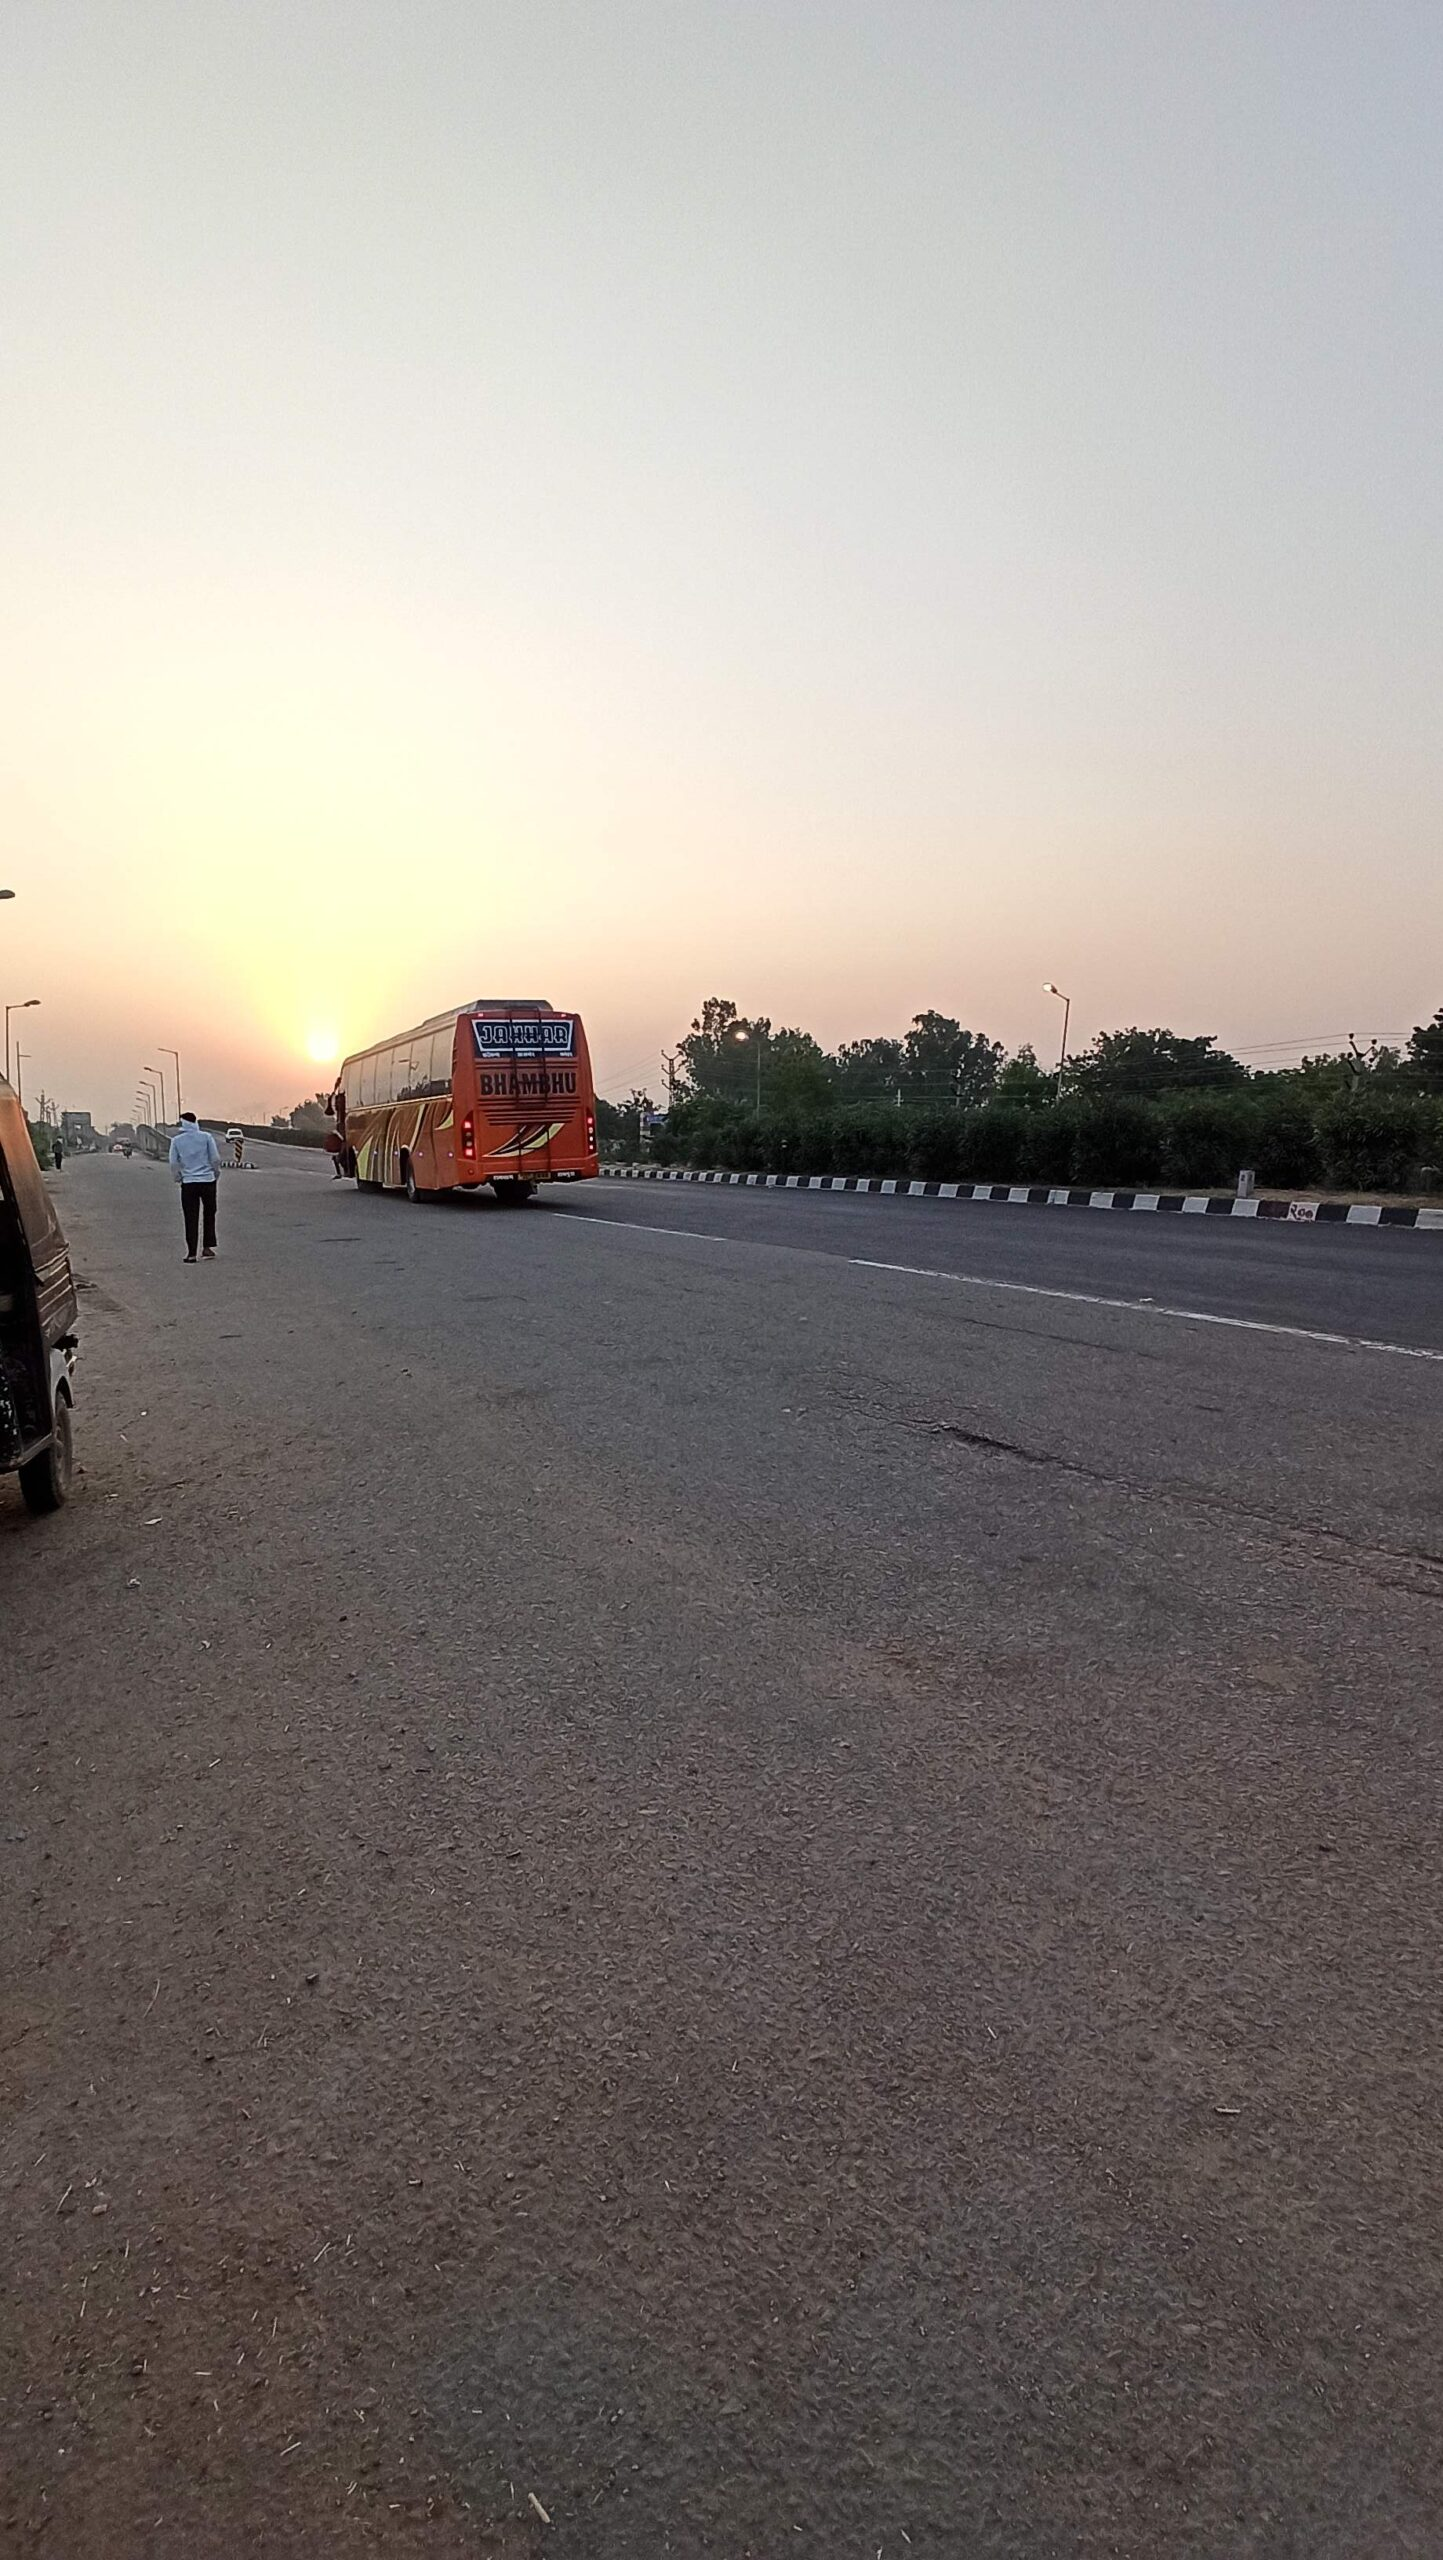 ブンディ到着時の日の出とバス